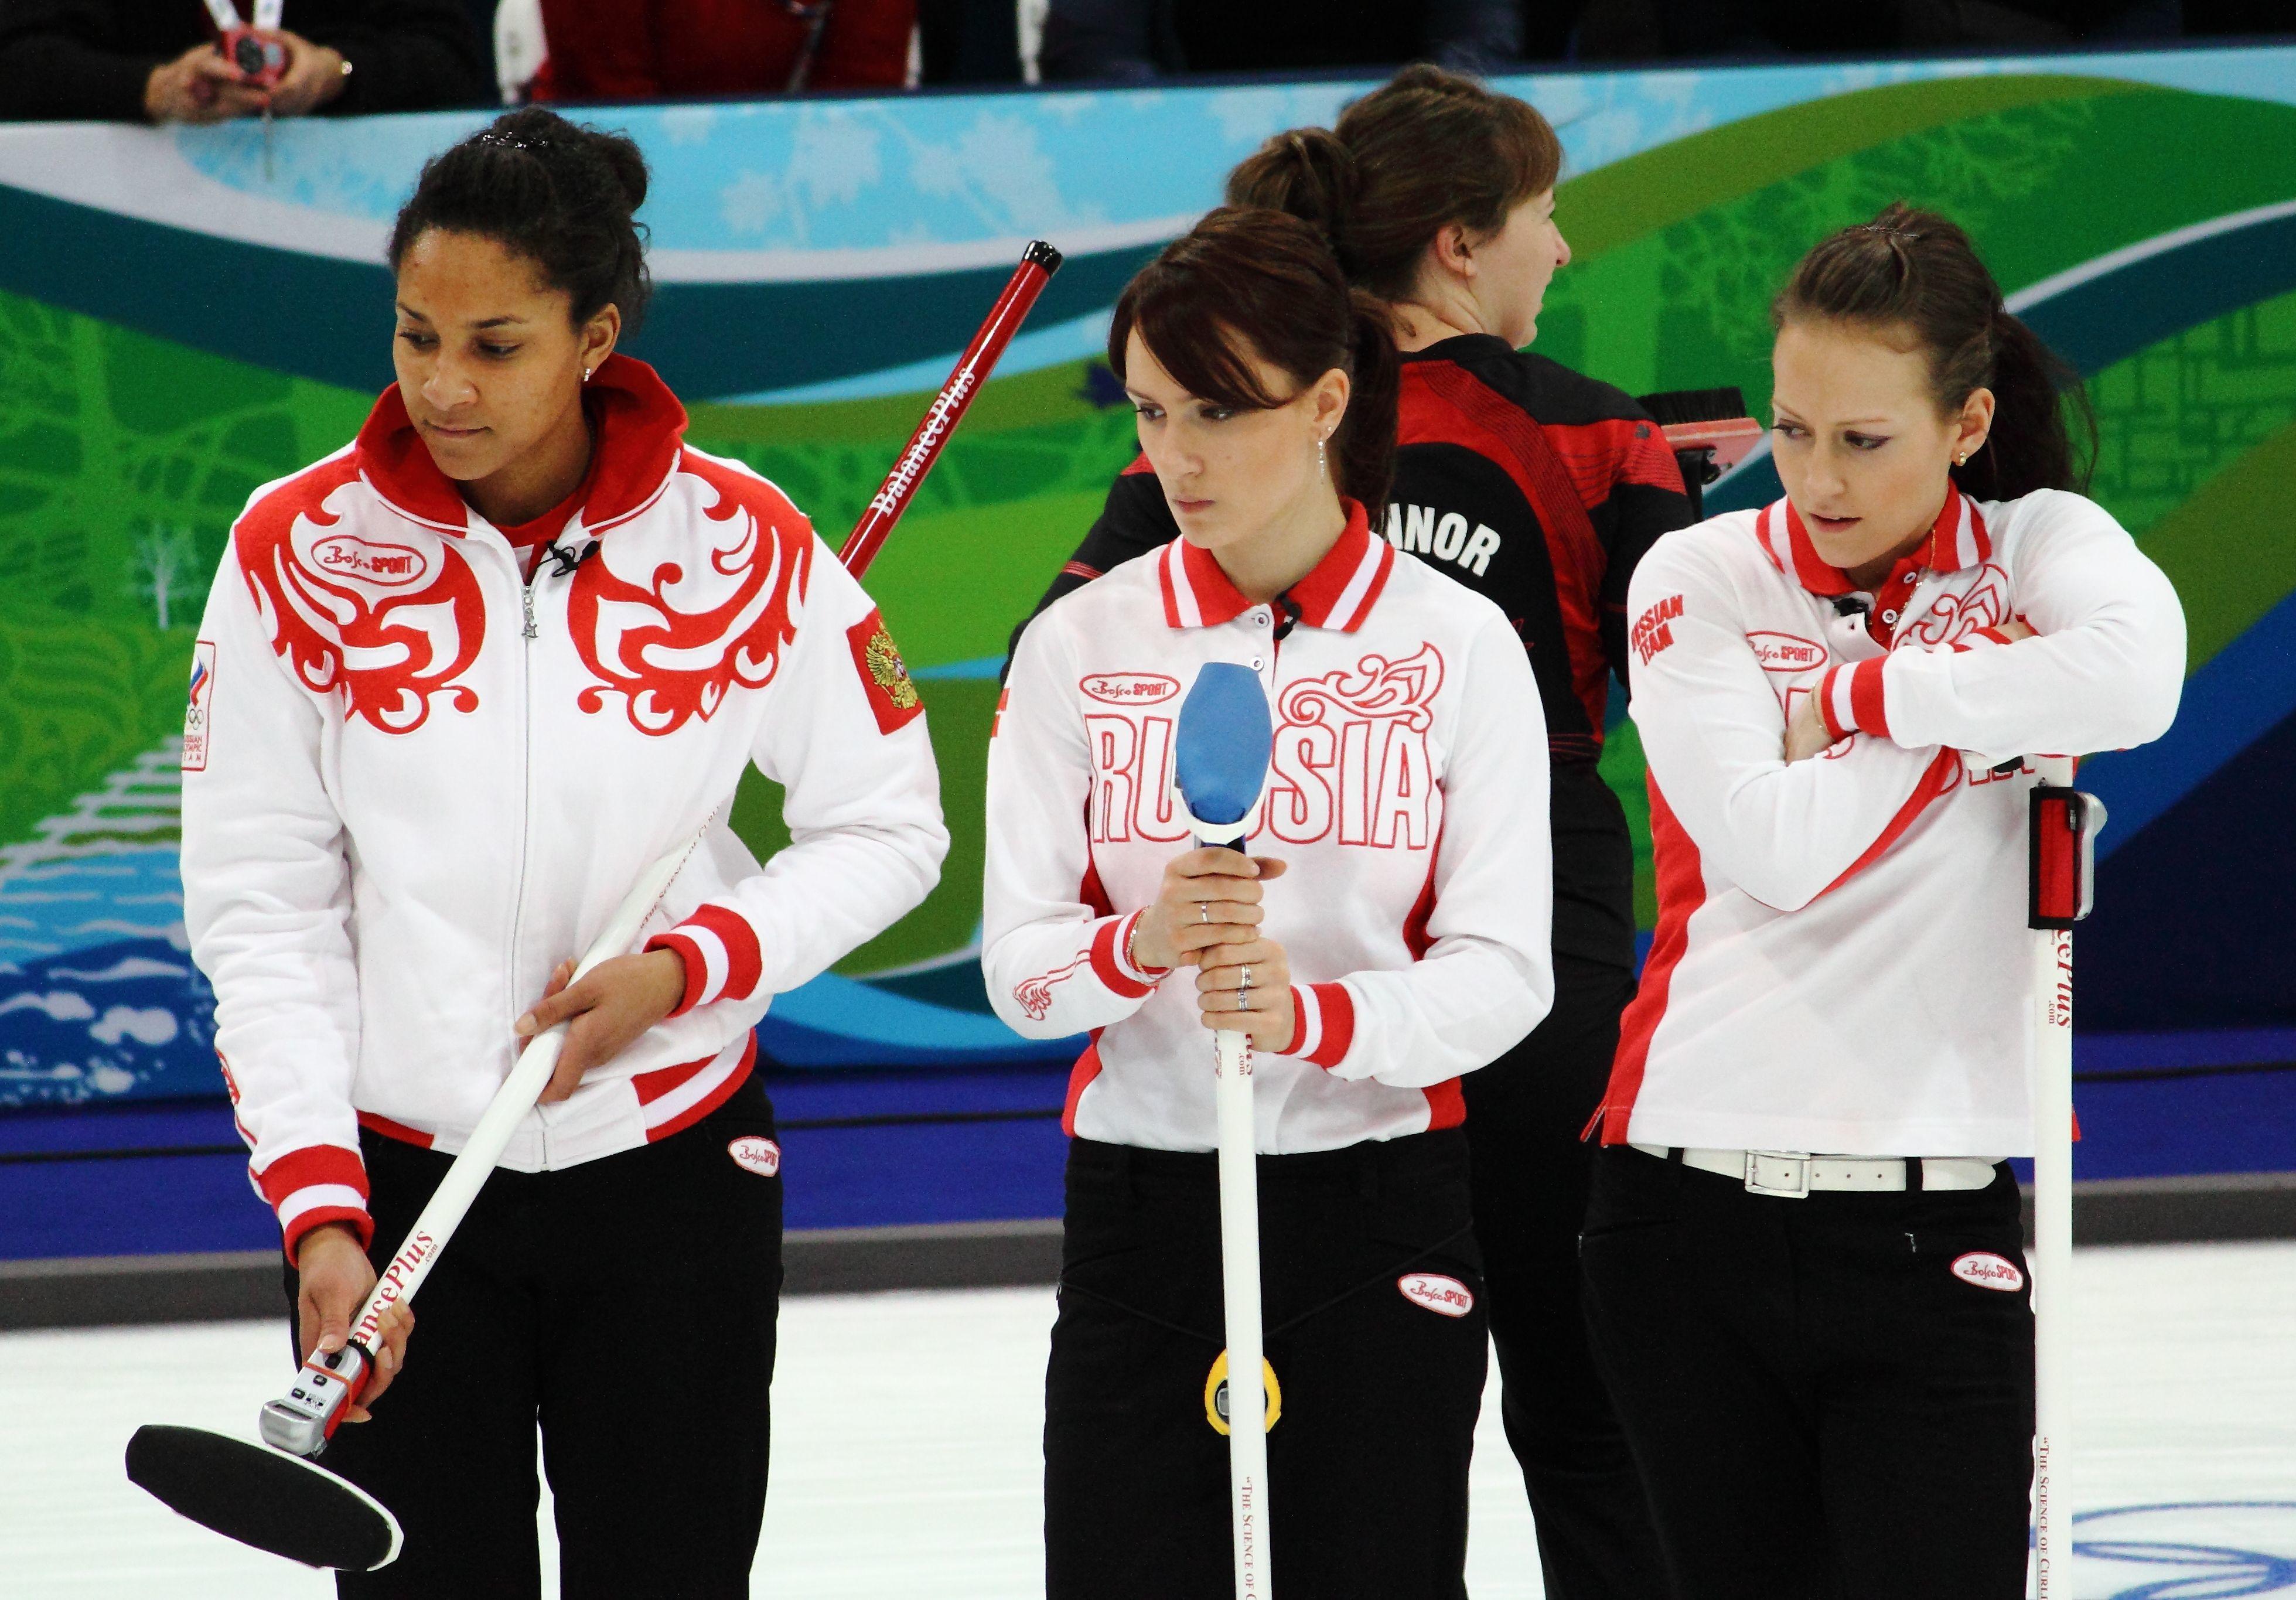 таком мероприятии российская женская сборная по керлингу фото найдете информацию стандартных